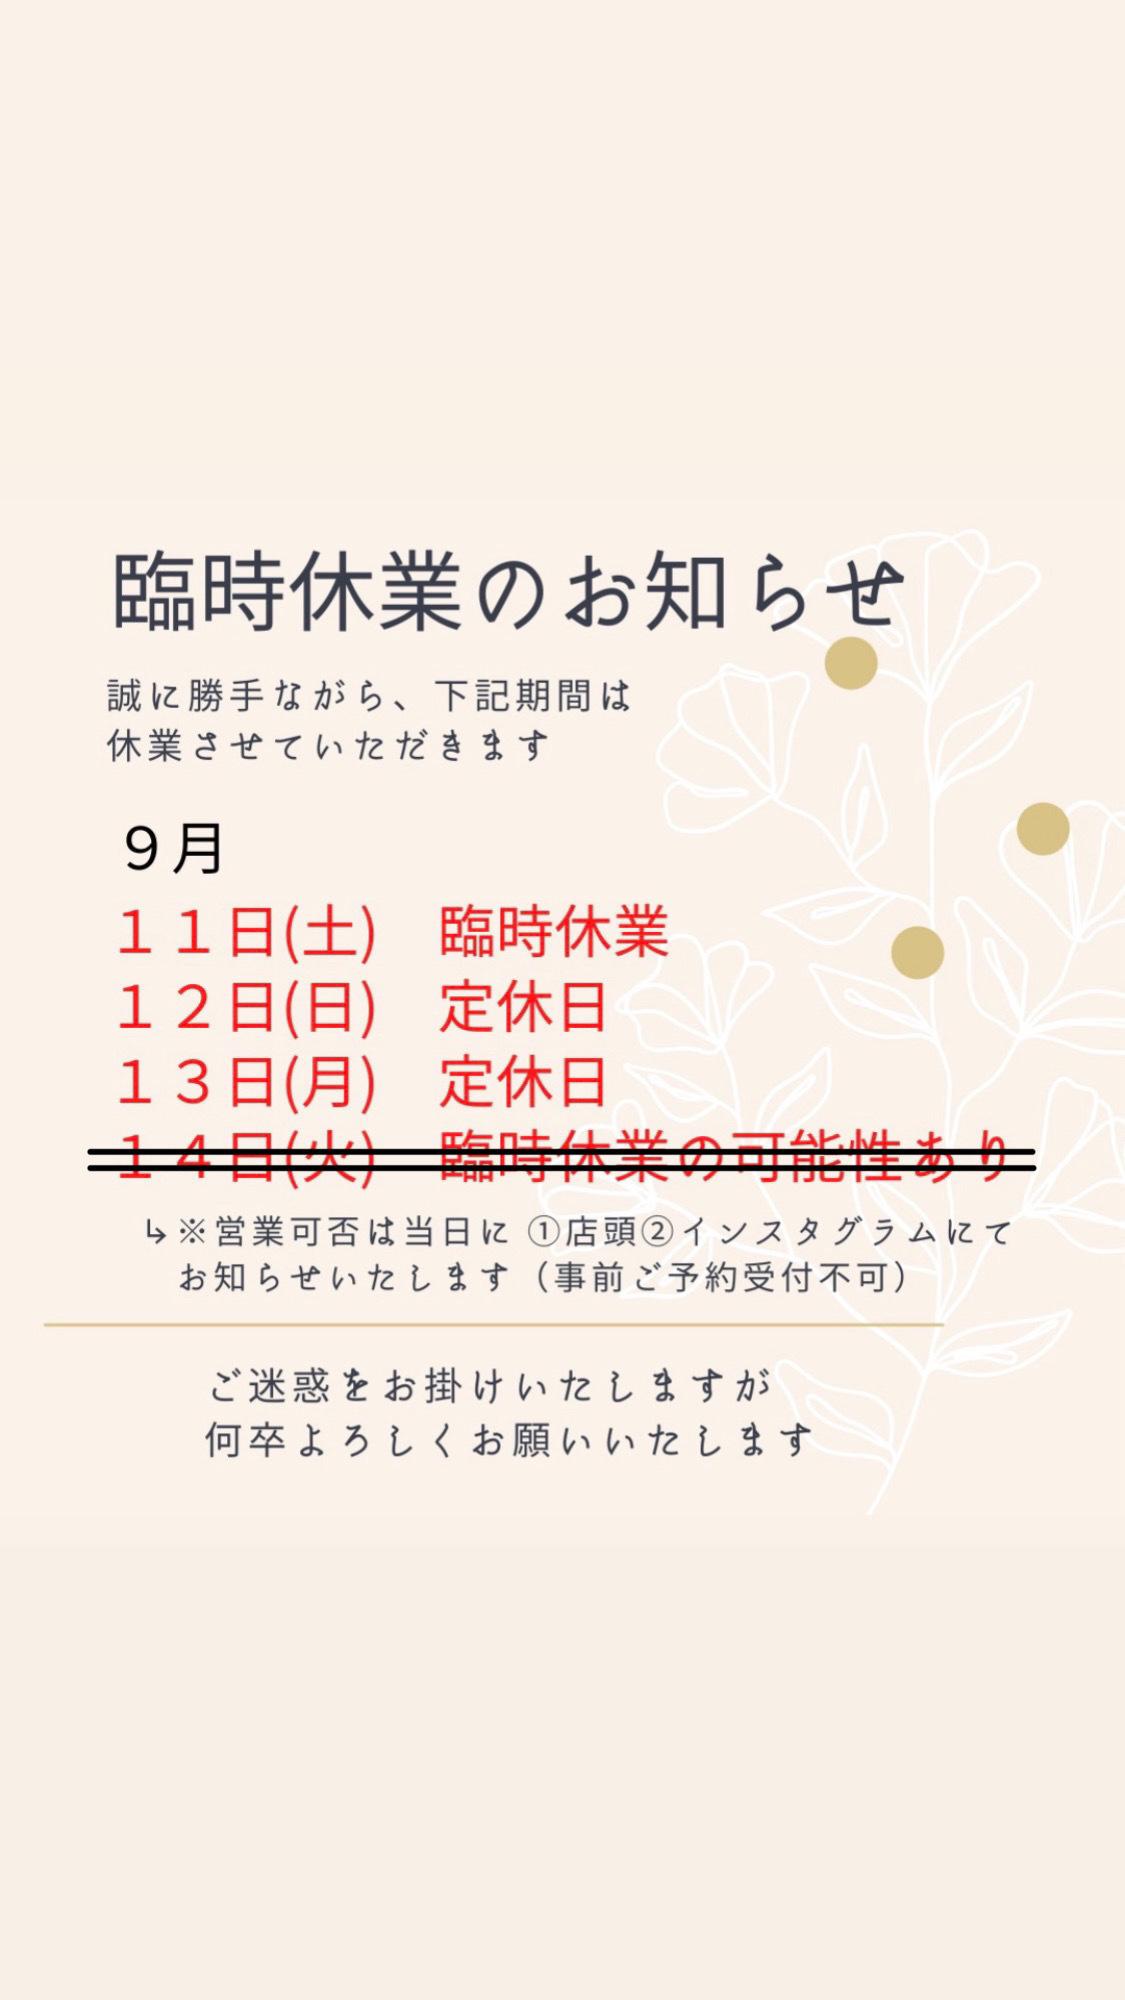 9/14(火)は通常営業いたします_e0211448_16363935.jpeg